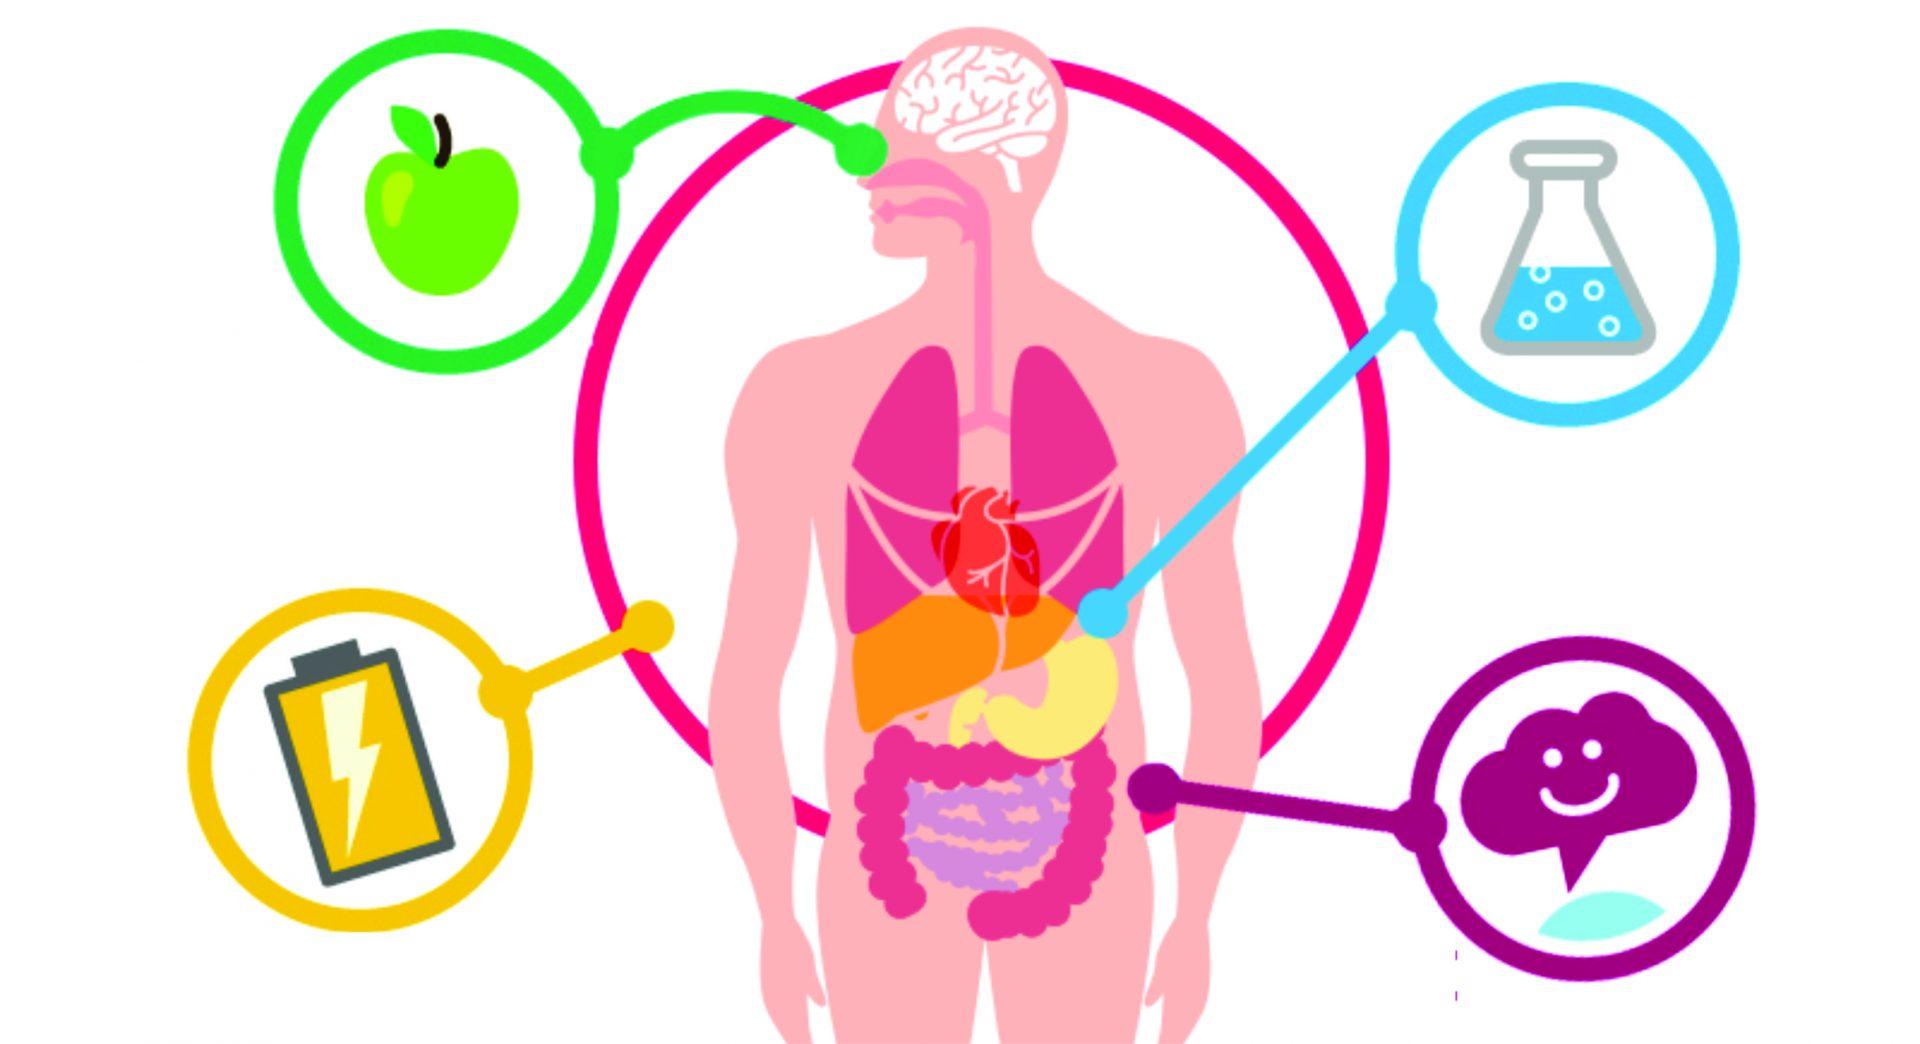 Metabolismo, o que é? Definição, características, funções e tipos principais